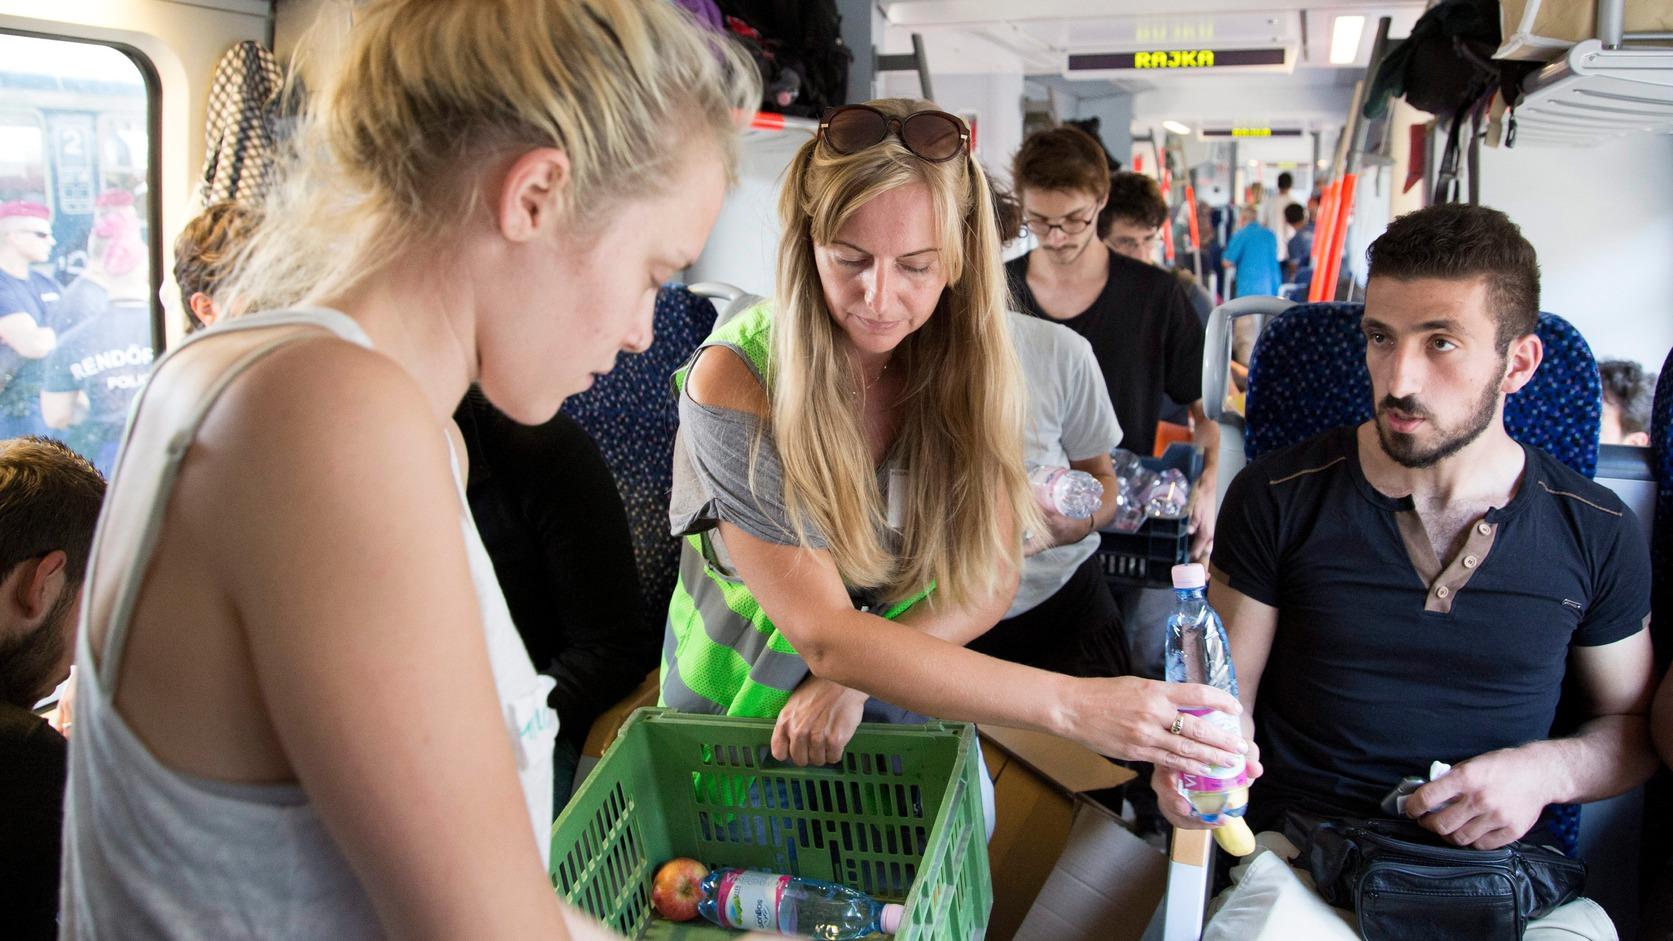 Győr, 2015. szeptember 14. Önkéntesek vizet és élelmet osztanak migránsoknak a Hegyeshalom felé tartó vonaton a győri vasútállomáson 2015. szeptember 14-én. MTI Fotó: Nyikos Péter